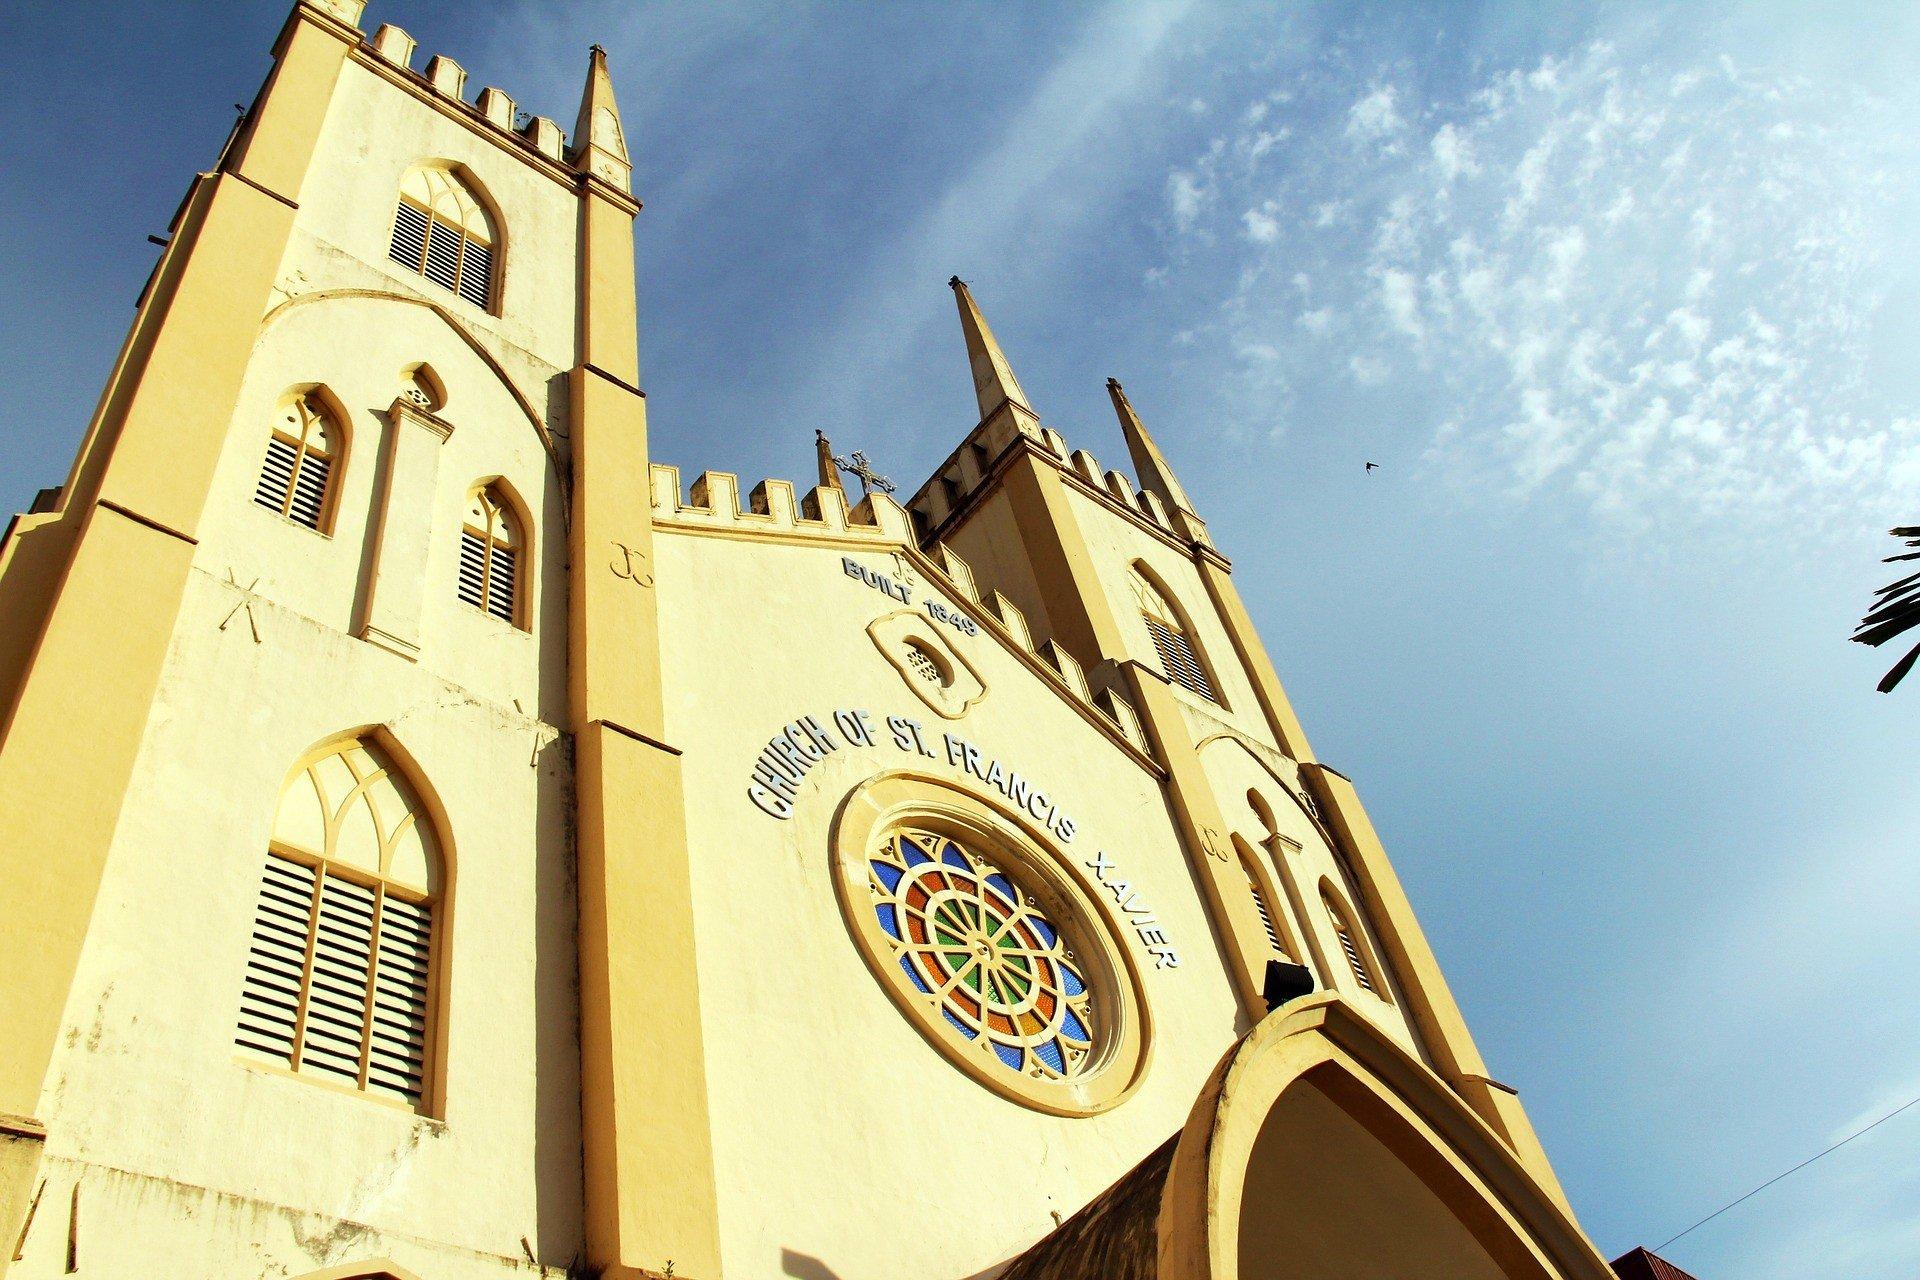 Church of St. Francis Xavier in Melaka